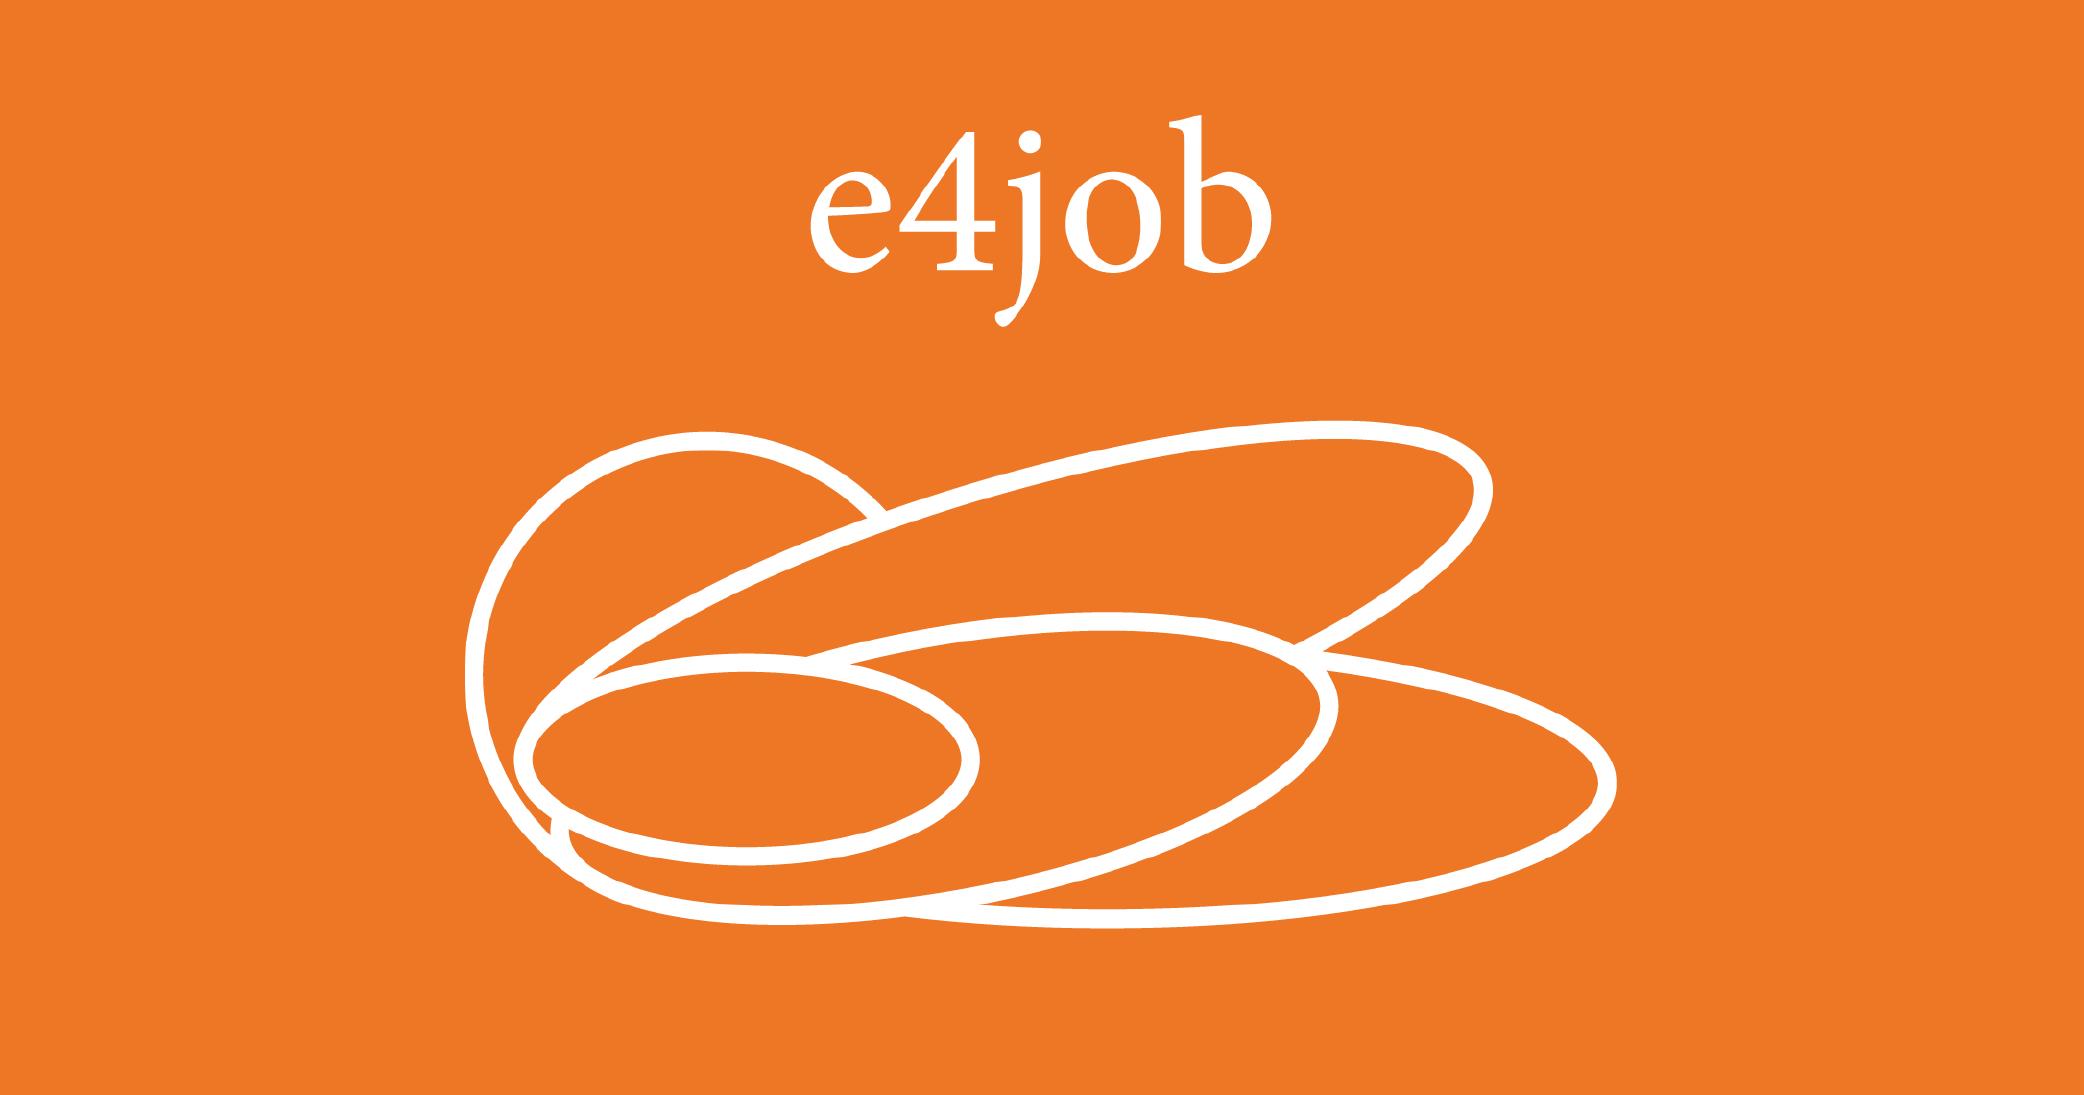 sfondo arancione - logo e4job